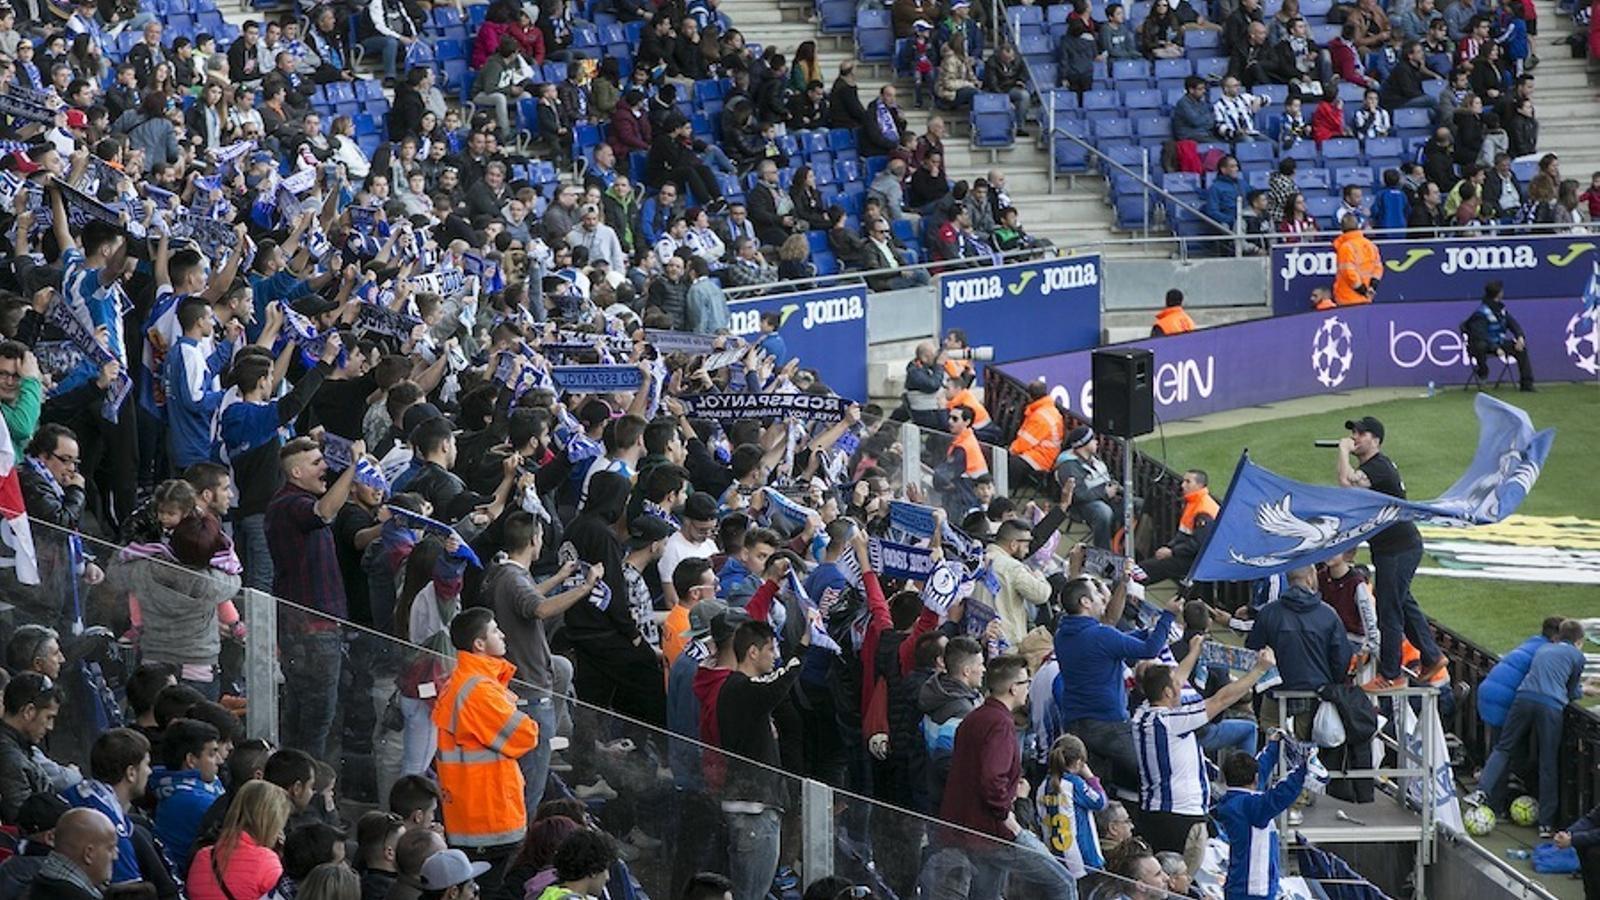 La Curva RCDE ocupa les localitats més cèntriques de la grada inferior del gol Cornellà